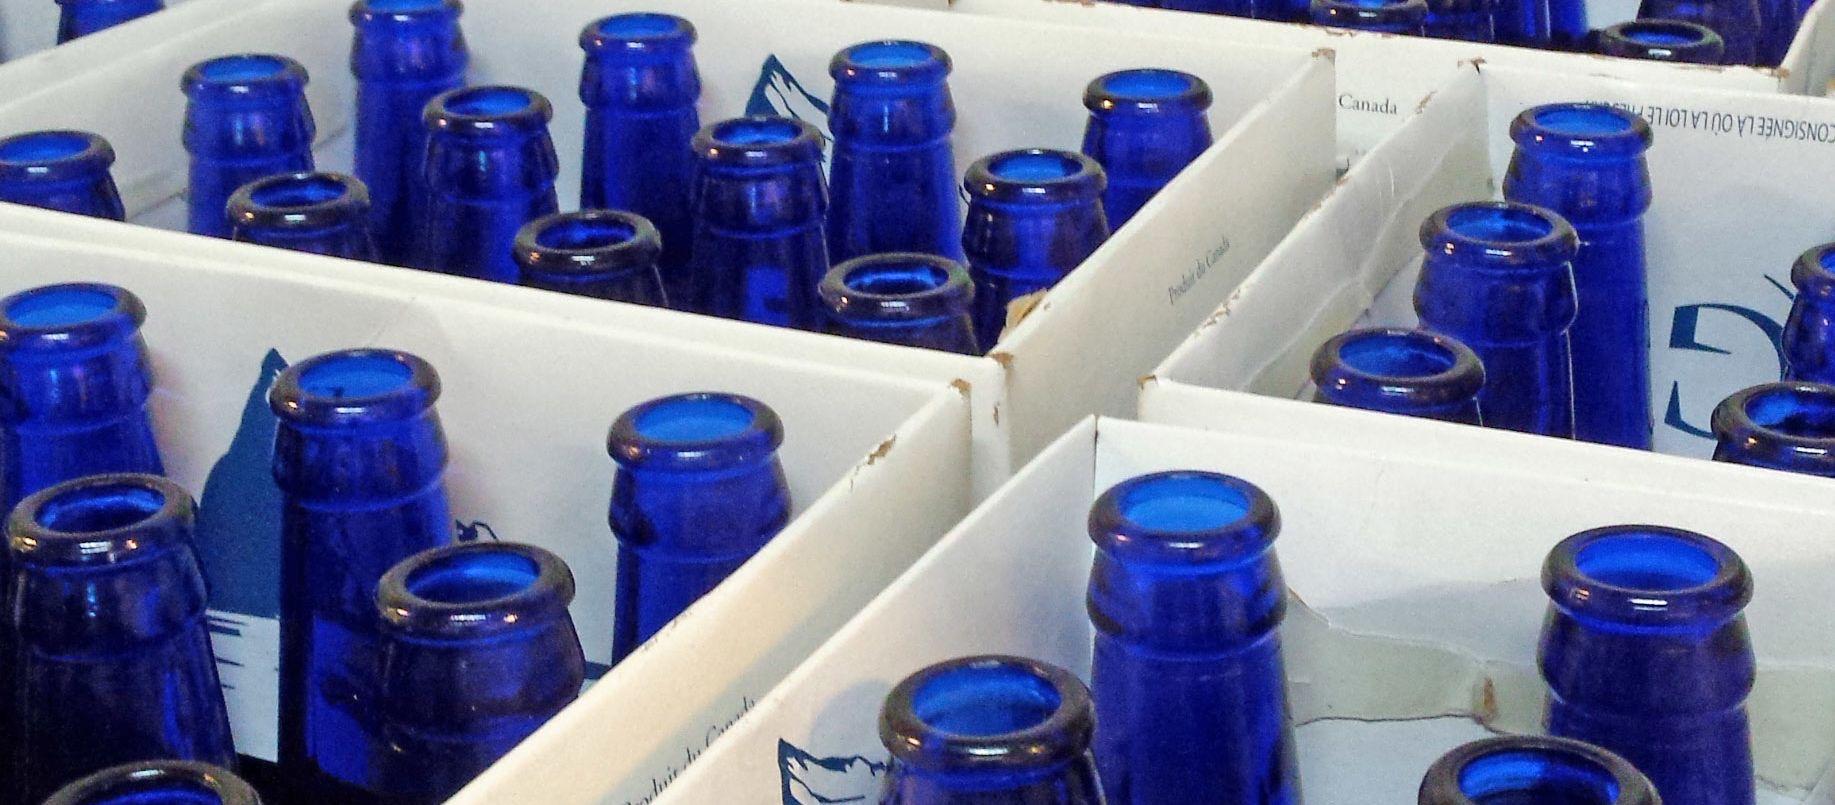 Eisbergbier in blauen Flaschen